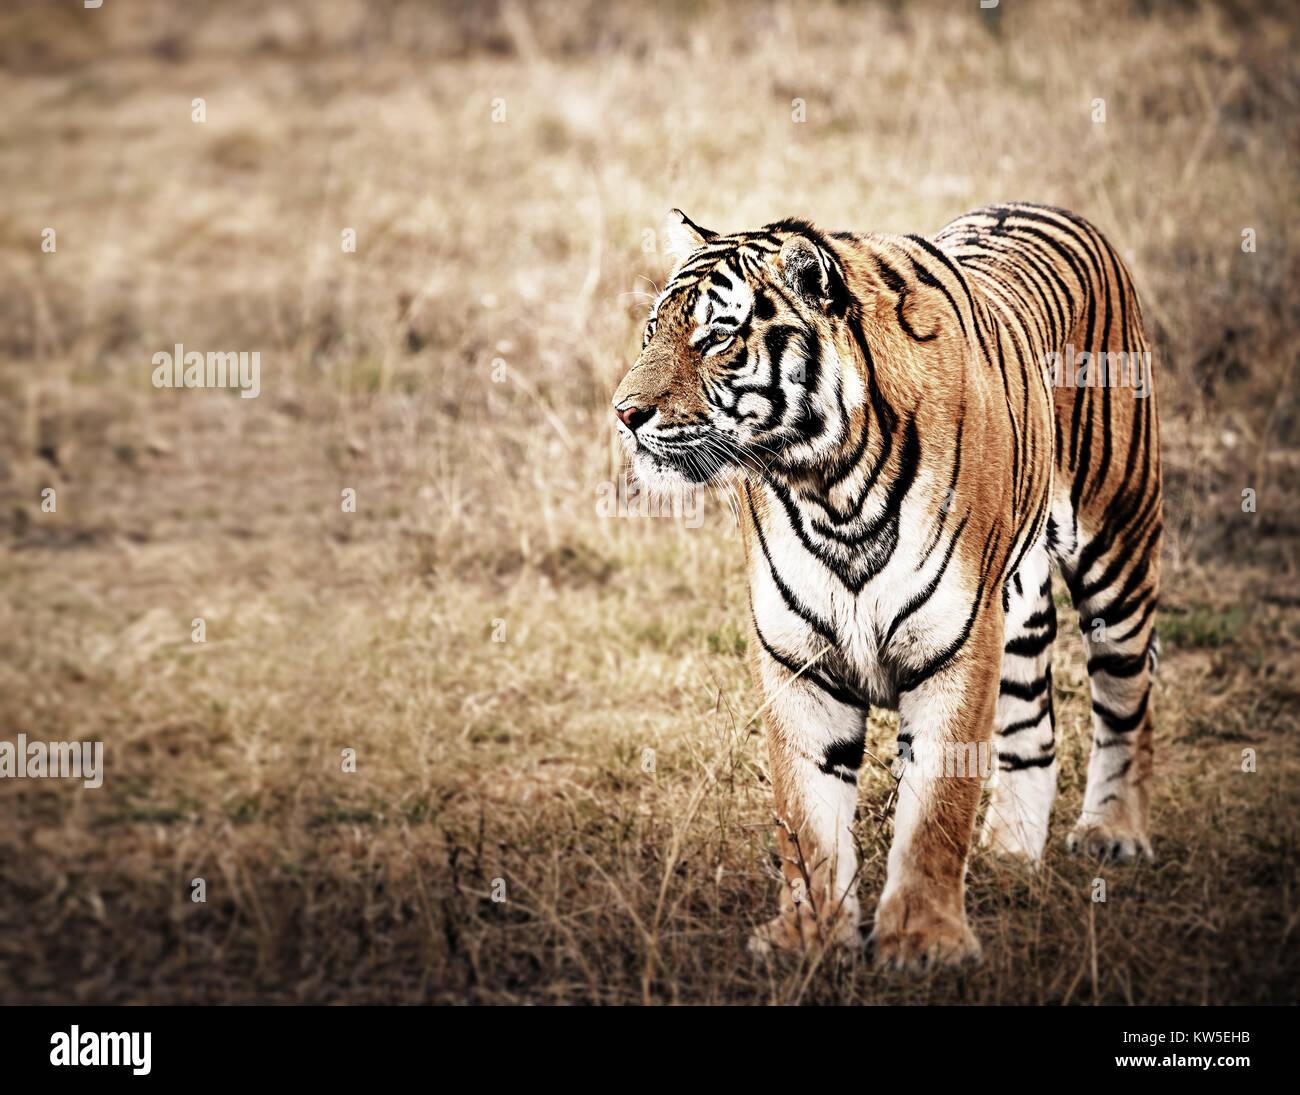 Tigre en una hermosa luz dorada Foto de stock